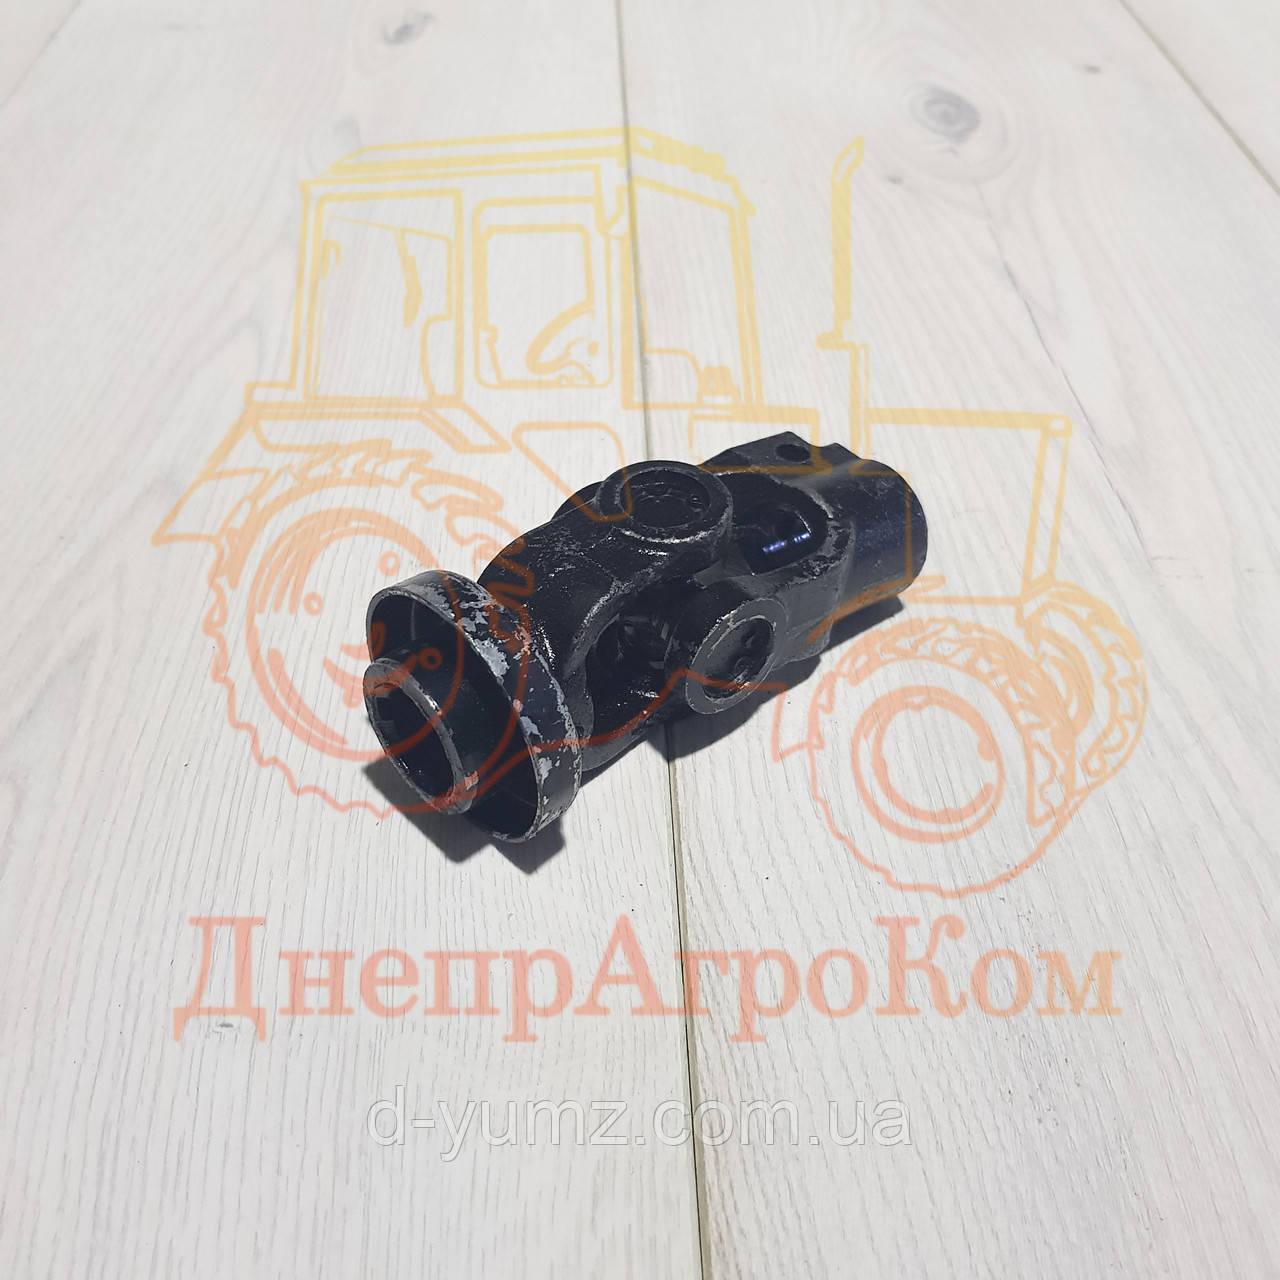 Кардан ЮМЗ нижний | рулевого управления с юбкой | 45Т-3401080